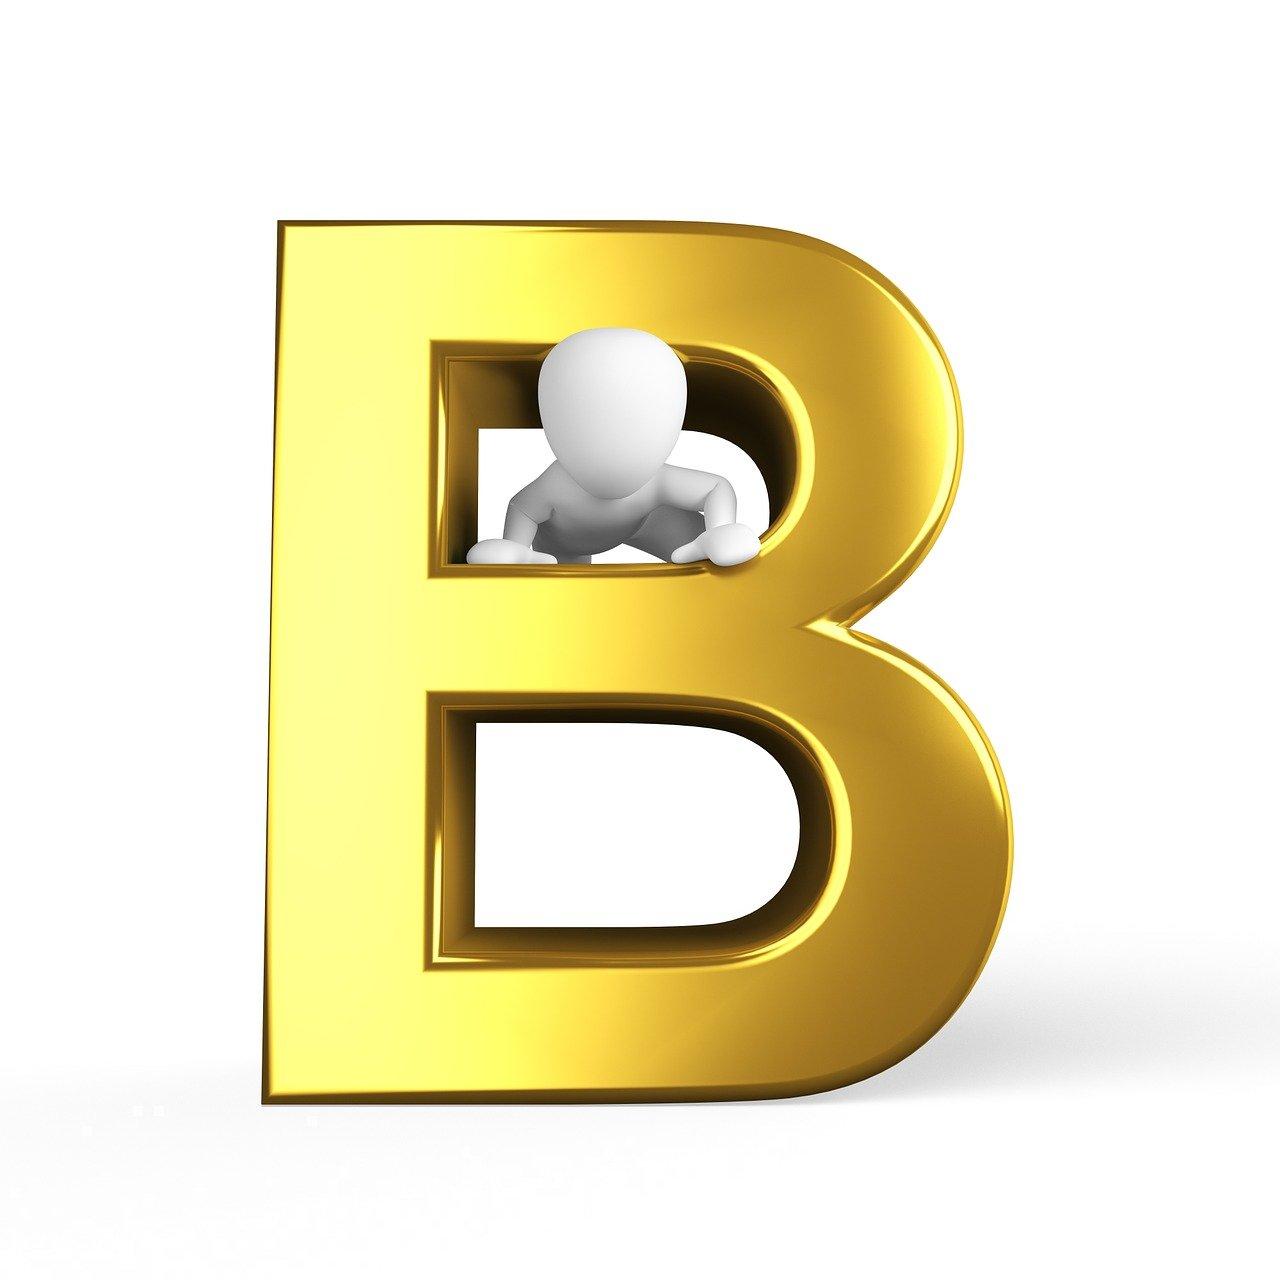 B Letter Alphabet - Free image on Pixabay